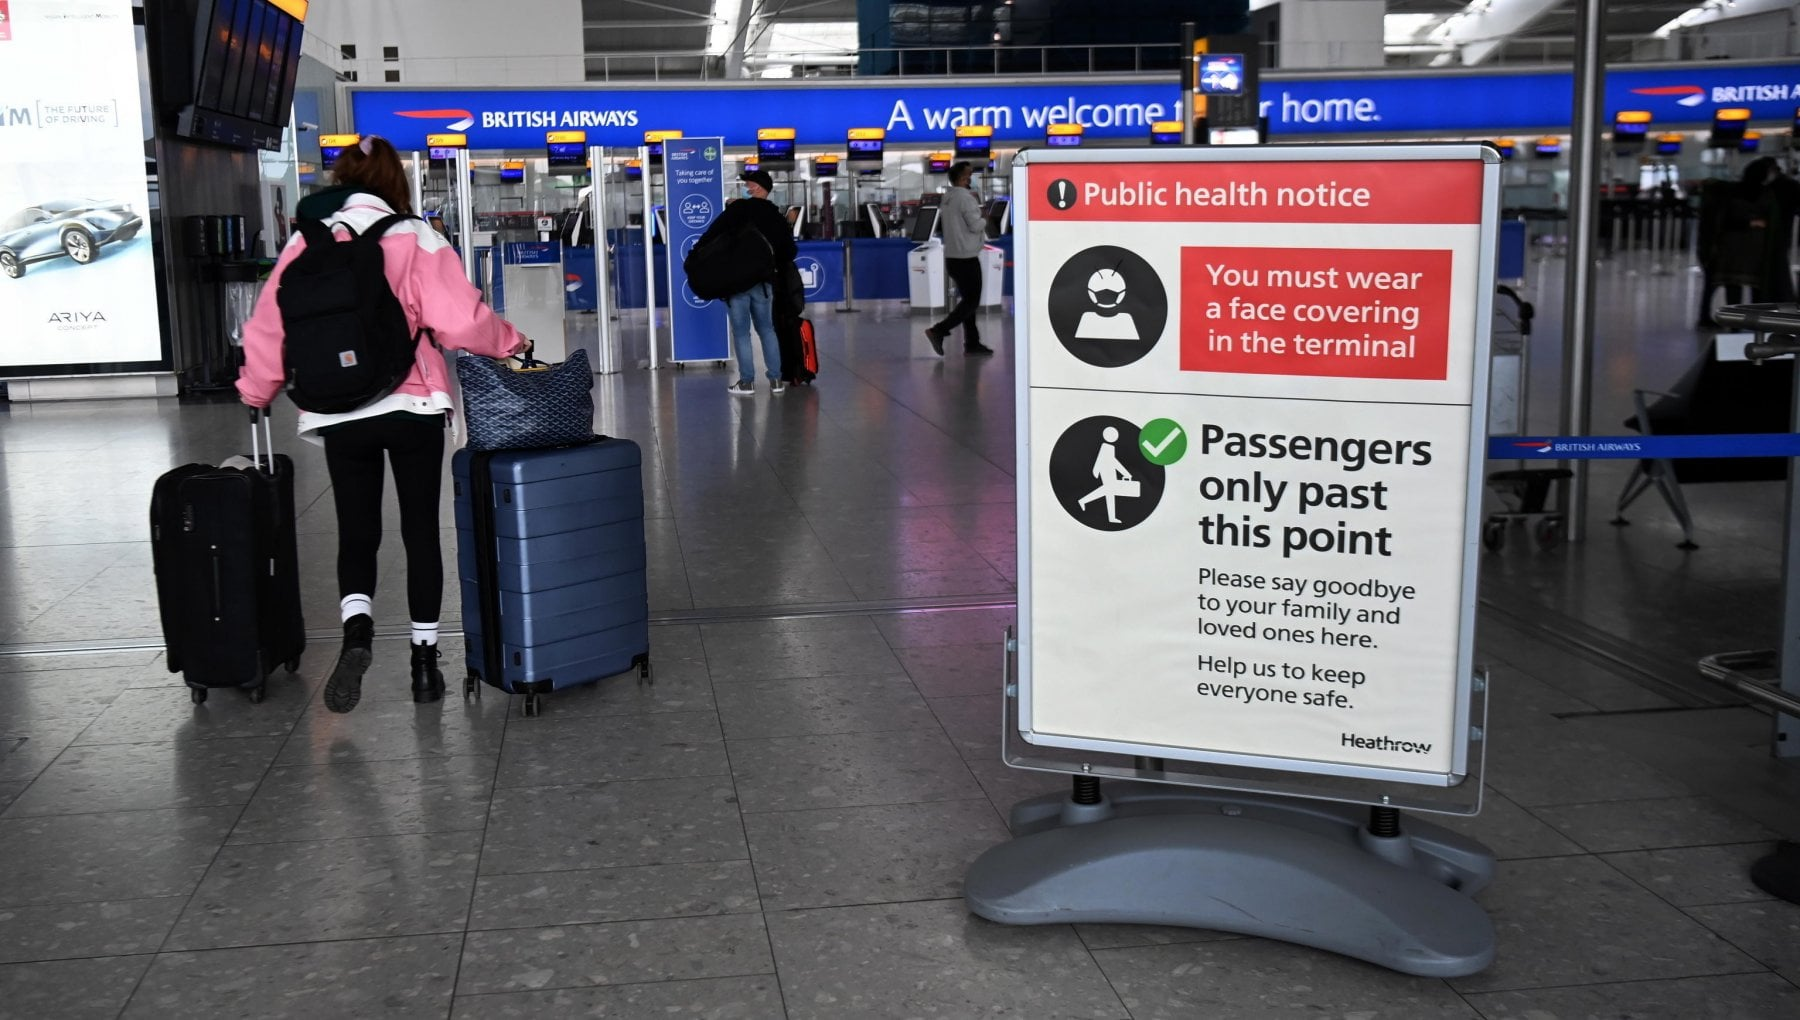 112956290 7df38f76 a279 4dec a650 16ac68784008 - La Gran Bretagna inaugura il visto digitale all'americana per studio, turismo e lavoro